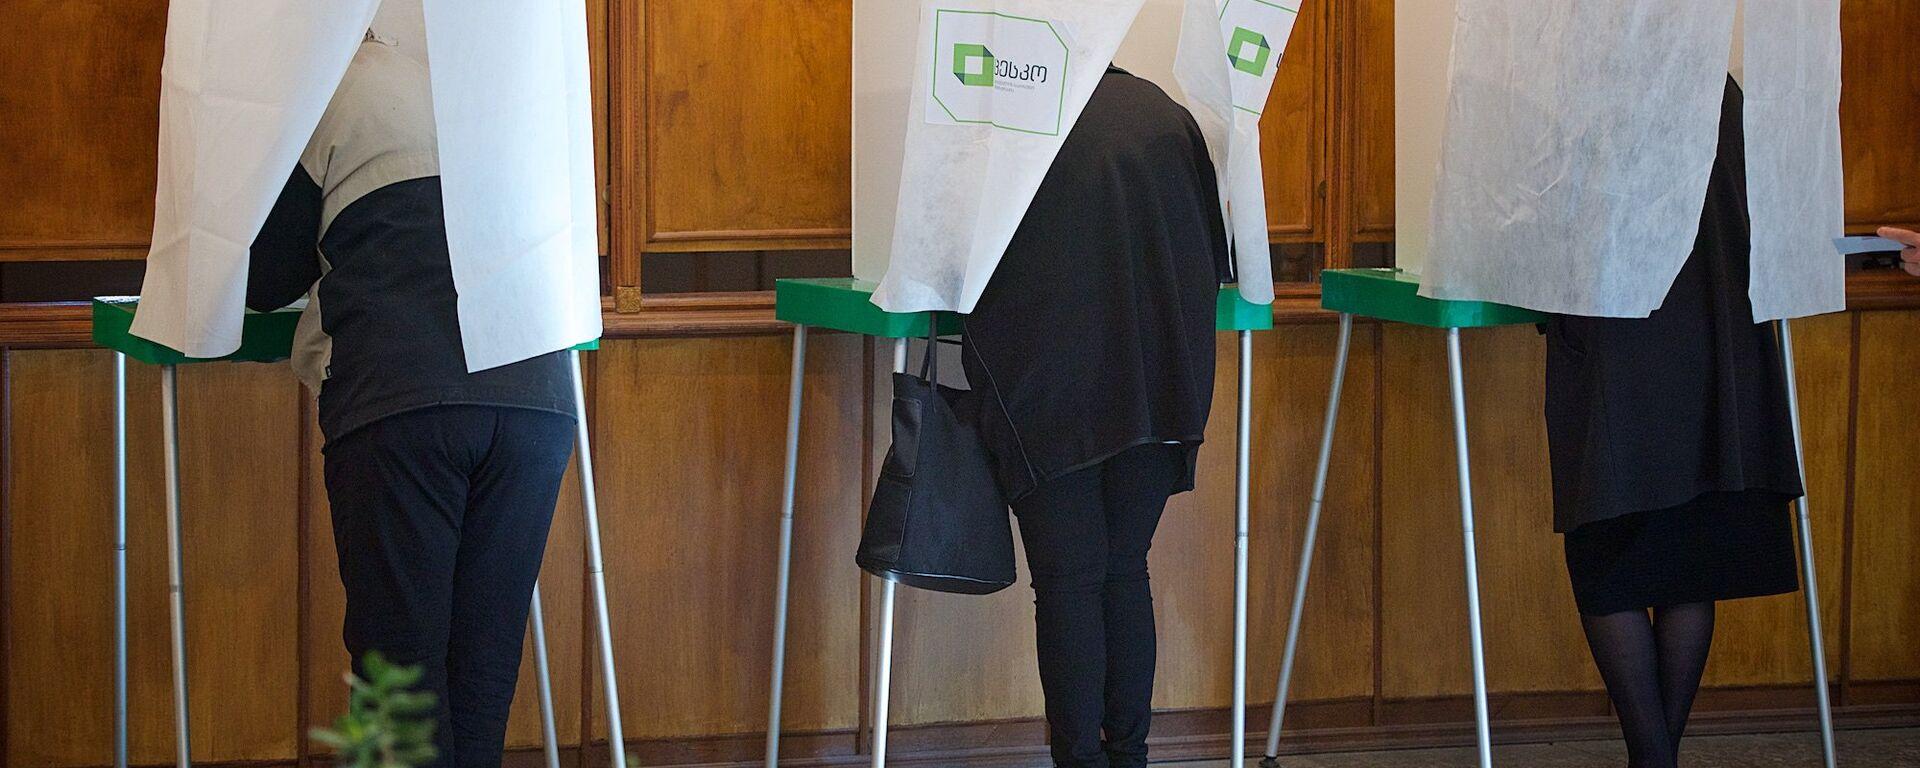 Жители столицы Грузии участвуют в выборах в местные органы власти - Sputnik Грузия, 1920, 23.09.2021